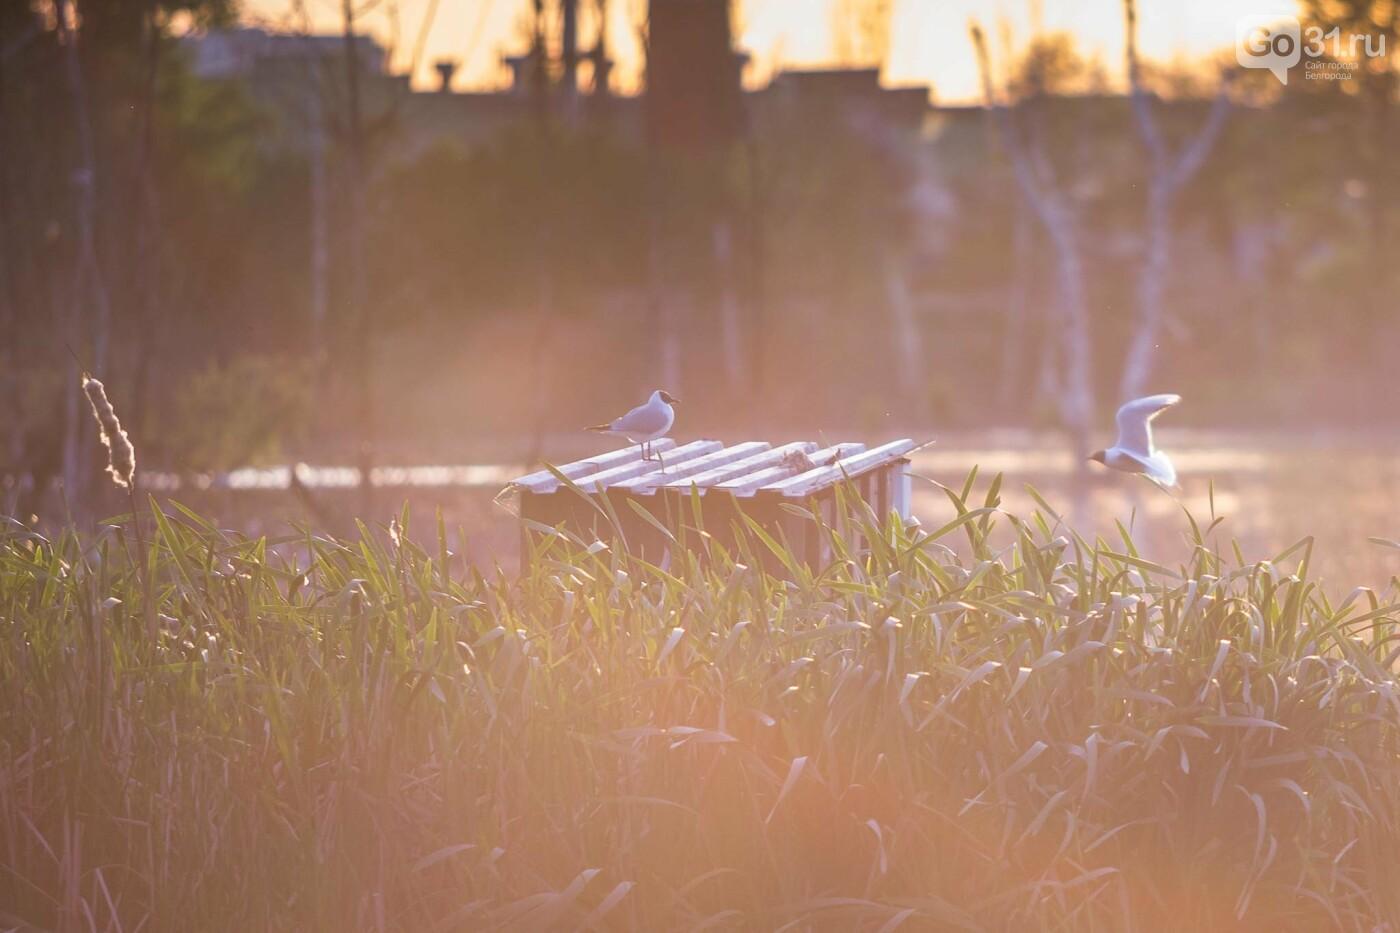 Пролетая над озером. В Белгороде чайки выбрали удобное место обитания, фото-21, Фото: Антон Вергун